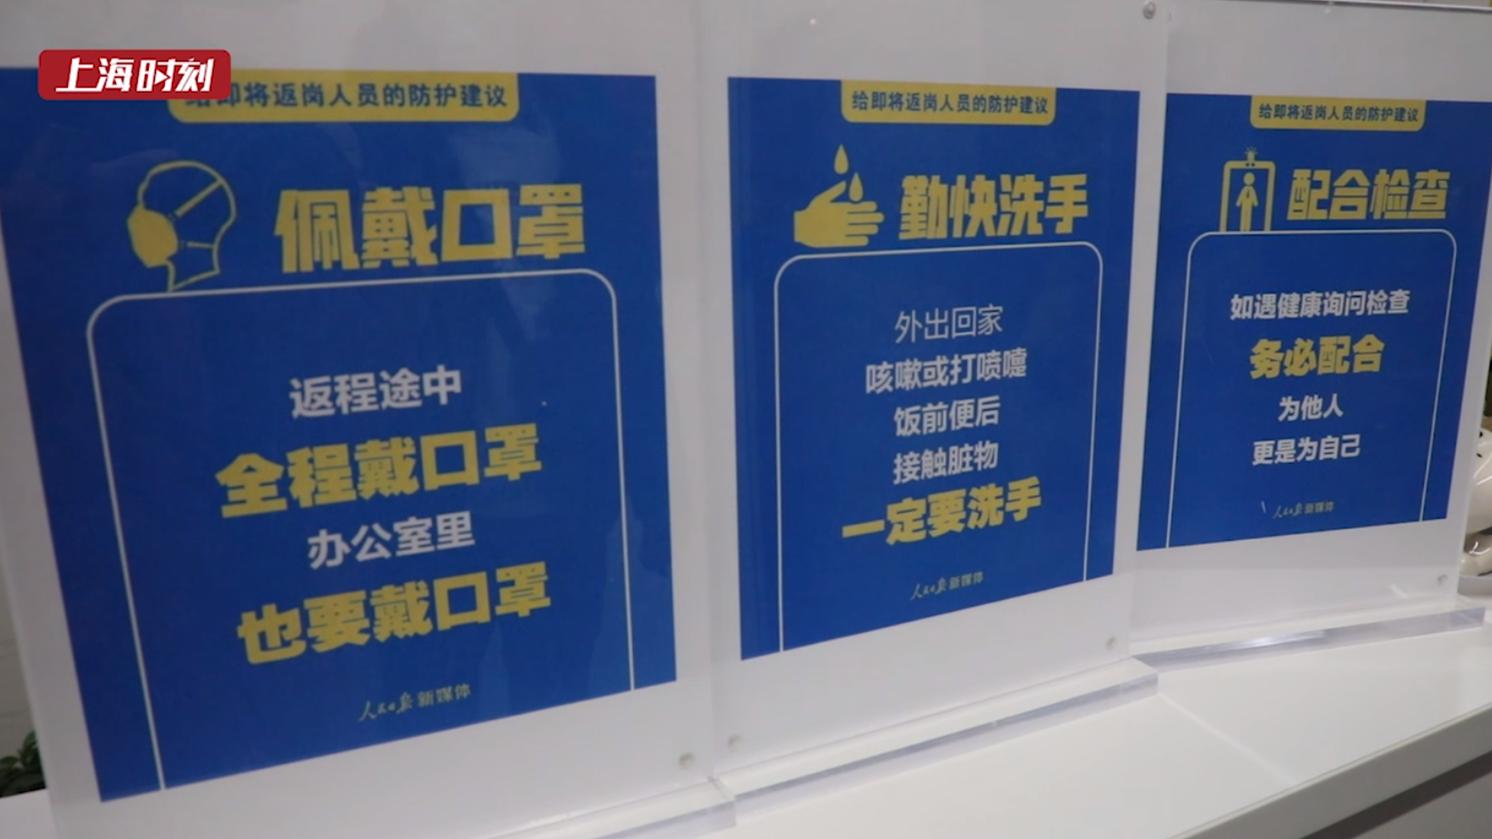 视频 | 复工第一天楼宇防疫重点是?来看上海这个写字楼采取了哪些措施